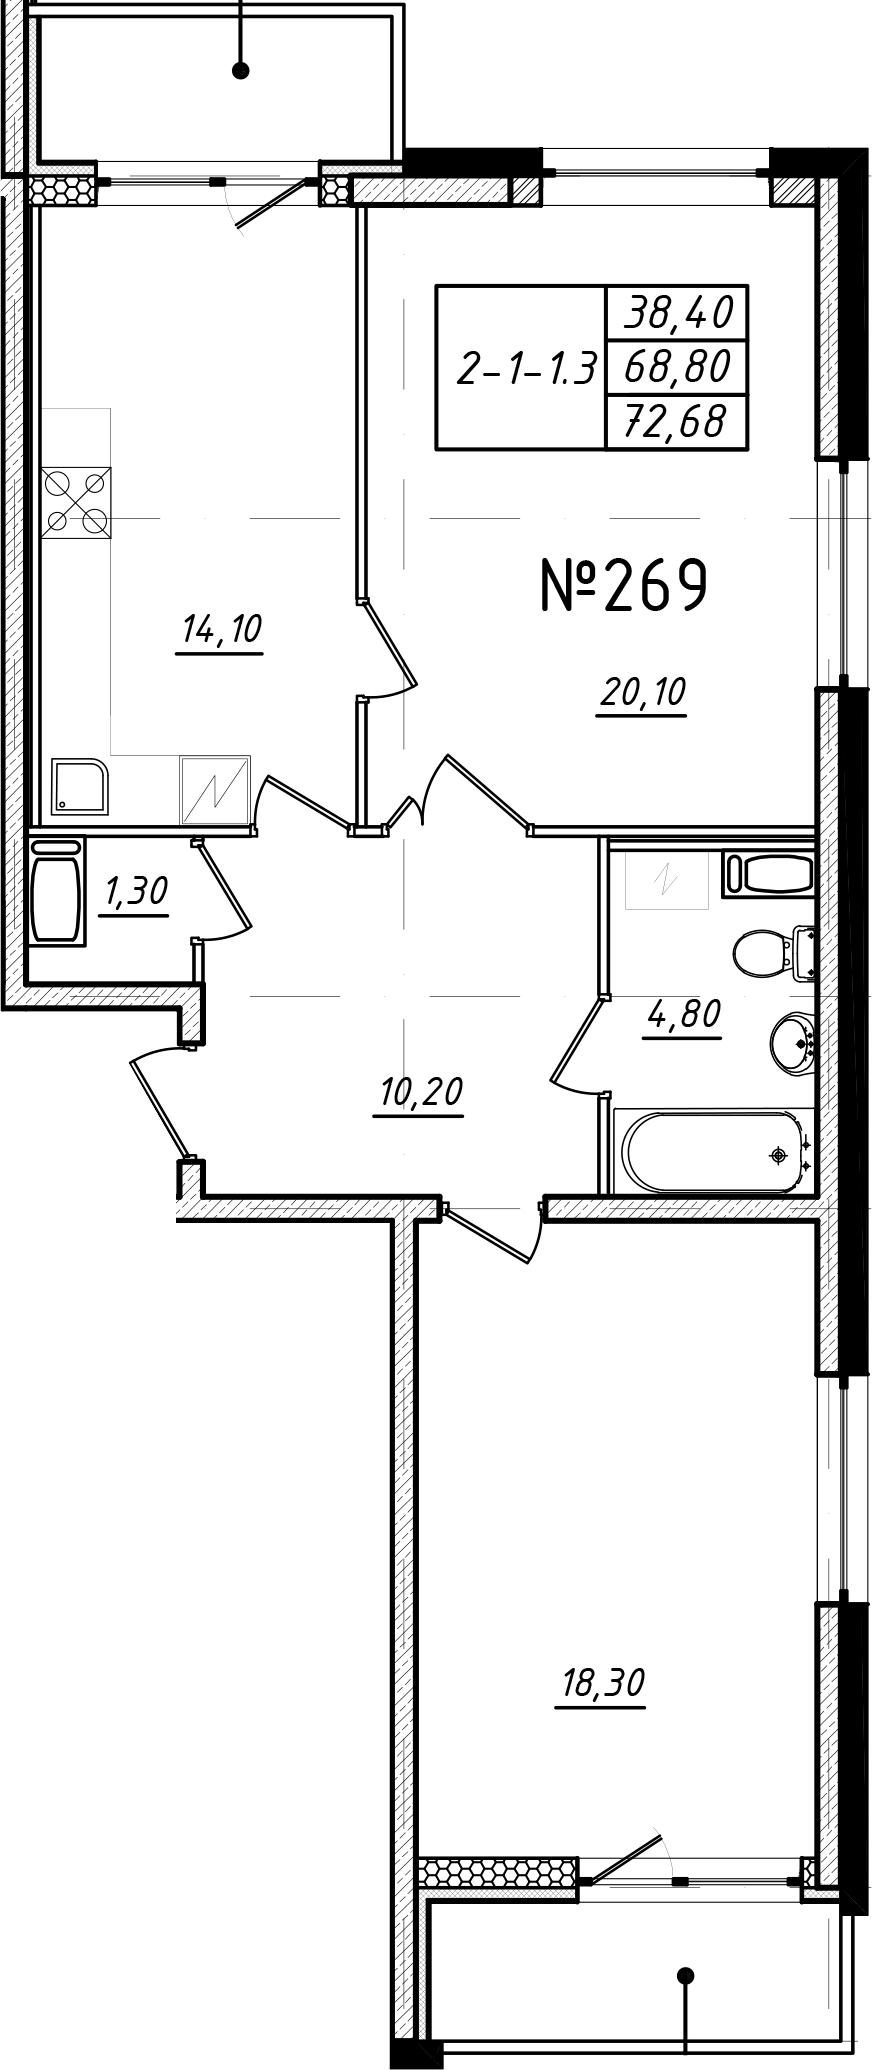 2-к.кв, 76.56 м²